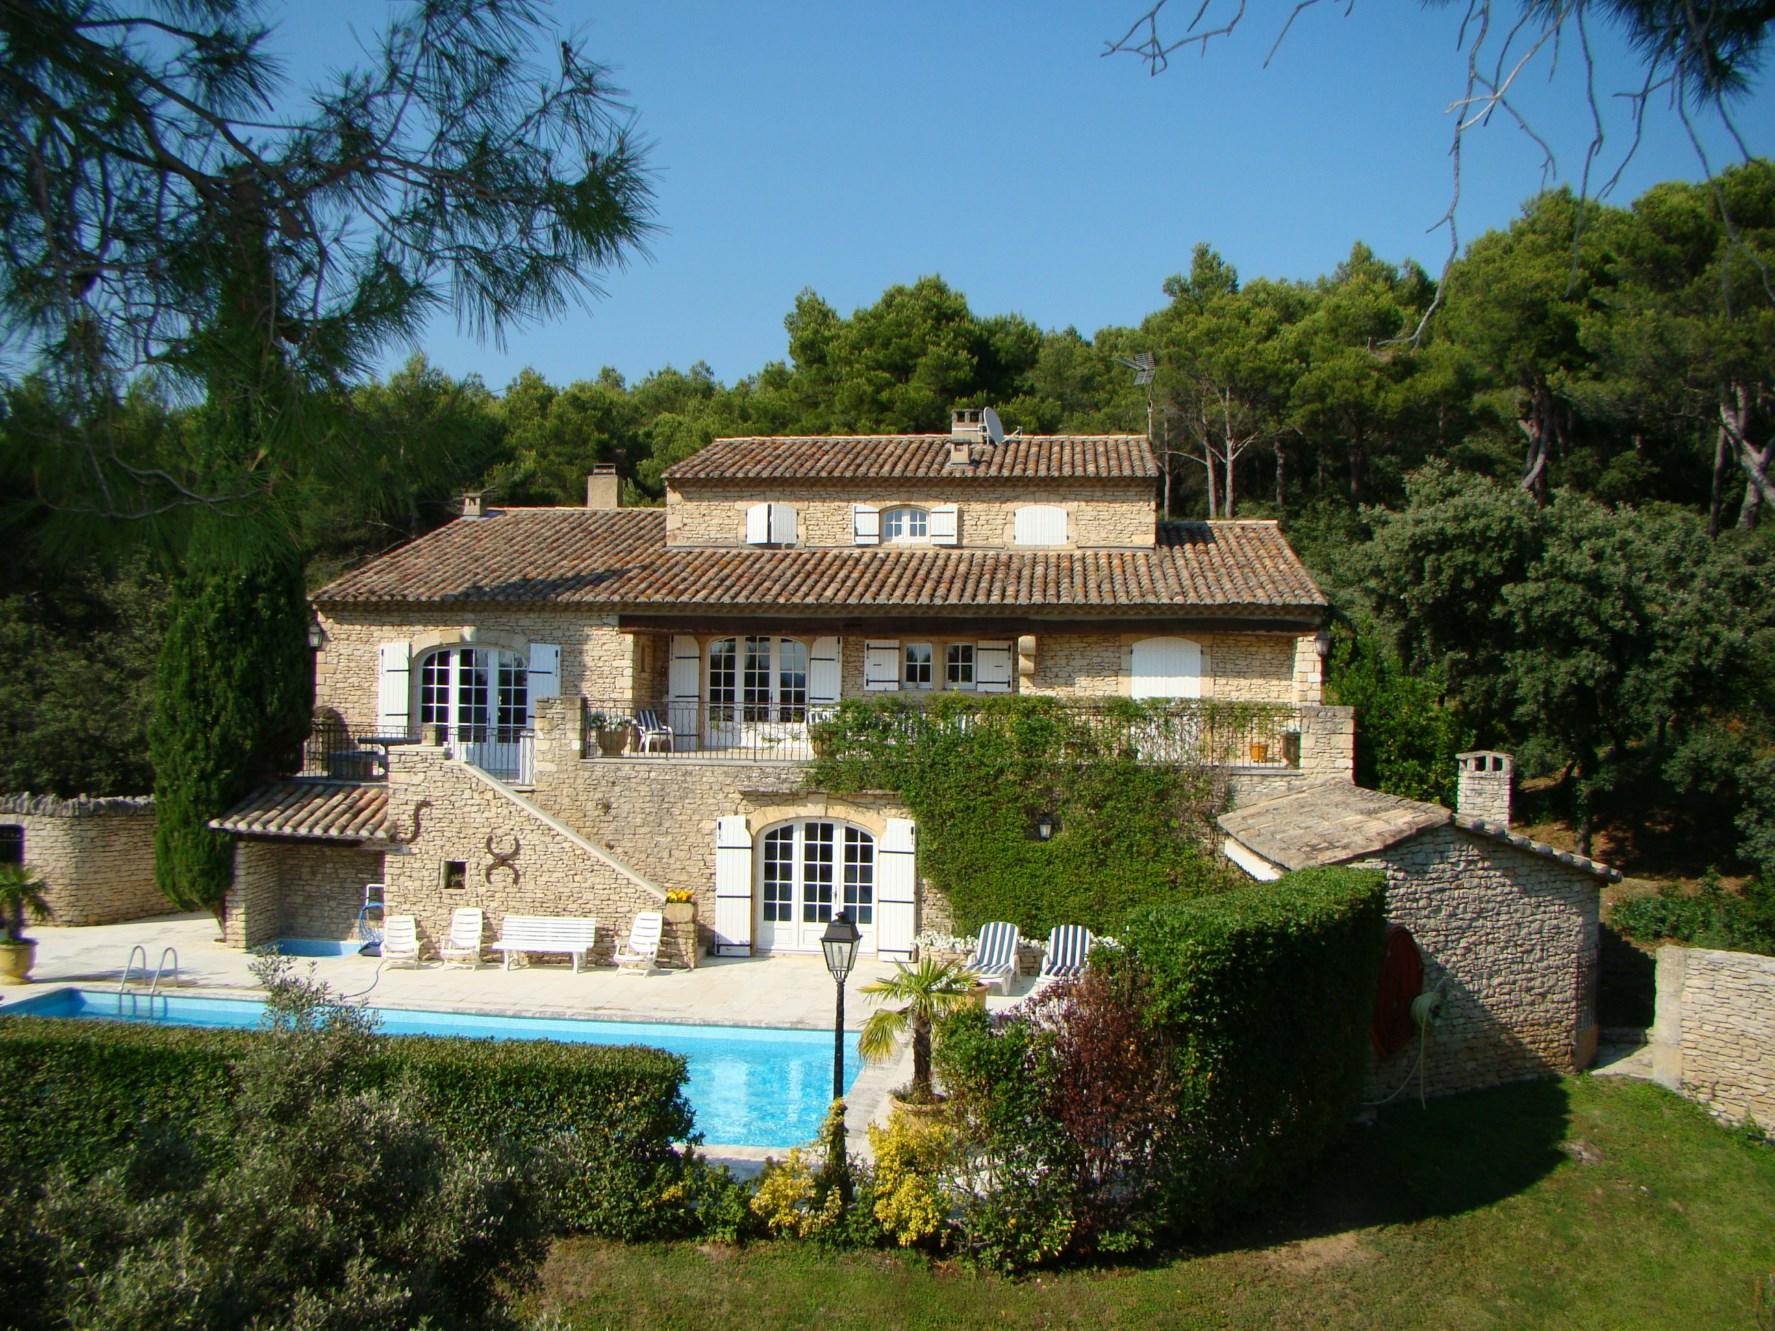 A quelques minutes du village de Gordes, en position dominante et bénéficiant de vues sur le Luberon et les Alpilles, maison de charme en pierres totalement rénovée à vendre, grande maison en pierres traditionnelle,  avec un parc d'un hectare et piscine